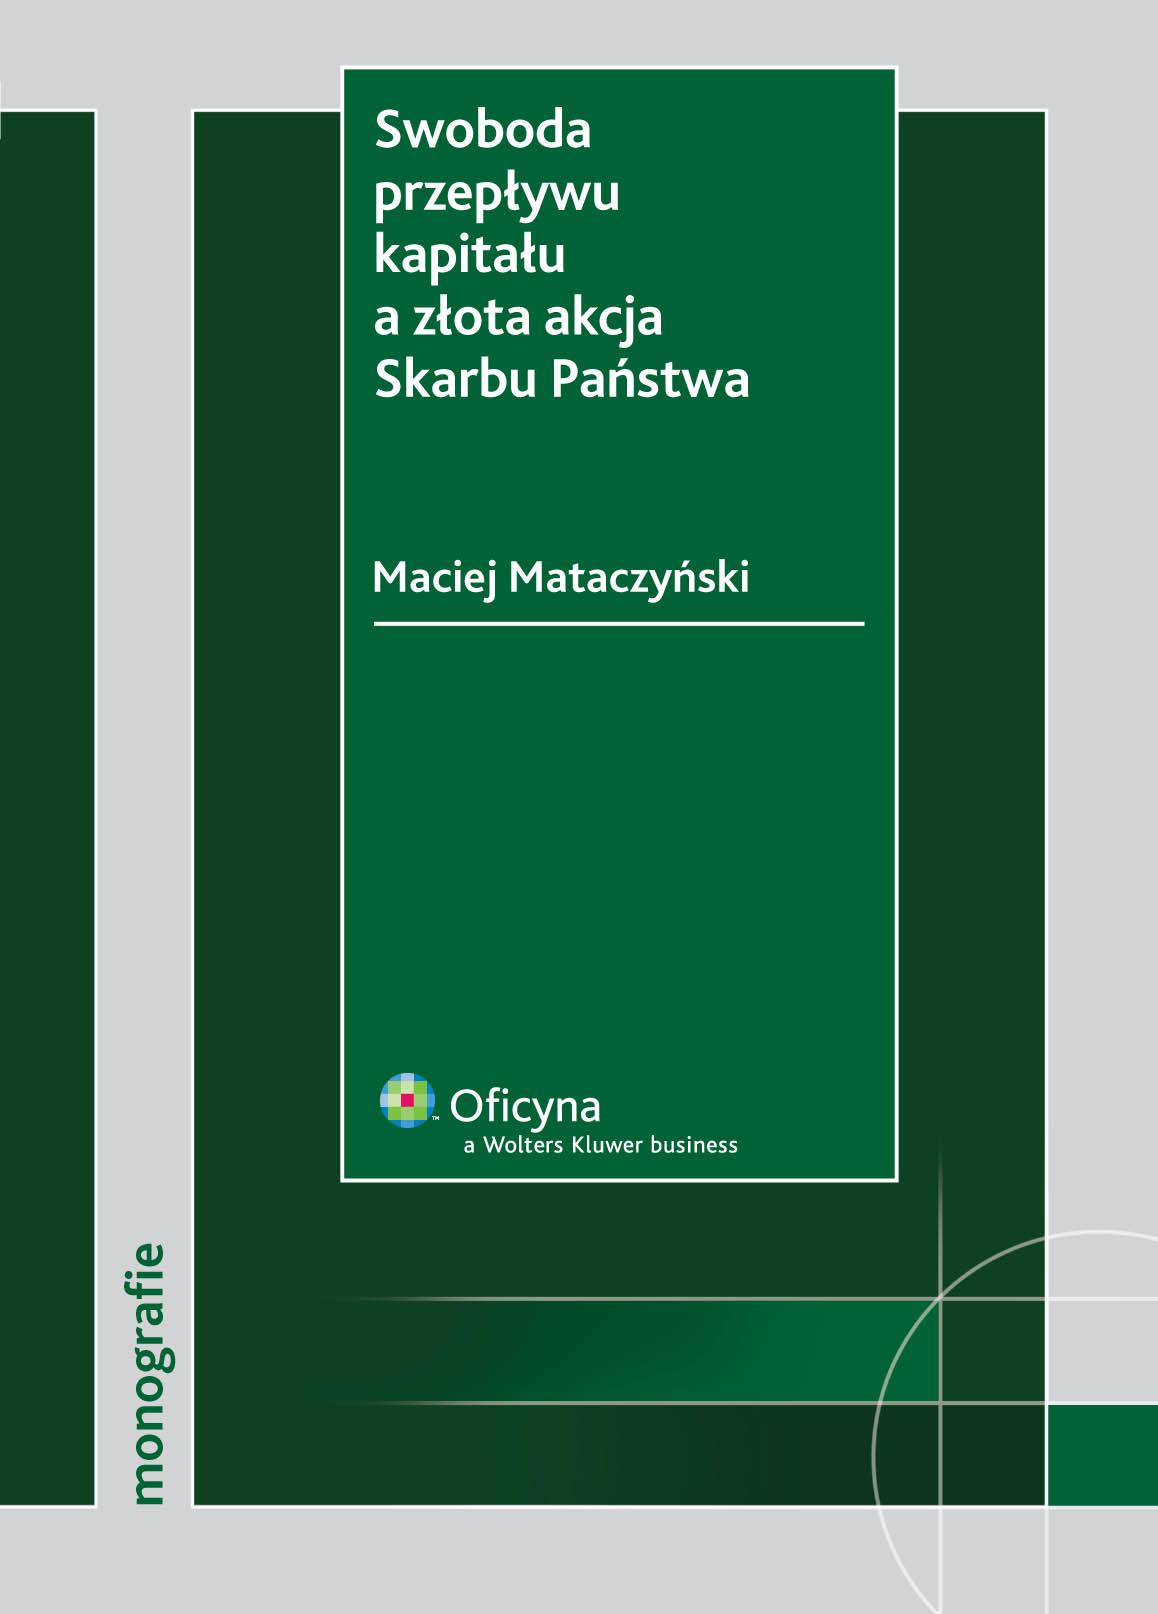 :: Swoboda przepływu kapitału a złota akcja Skarbu Państwa - e-book ::